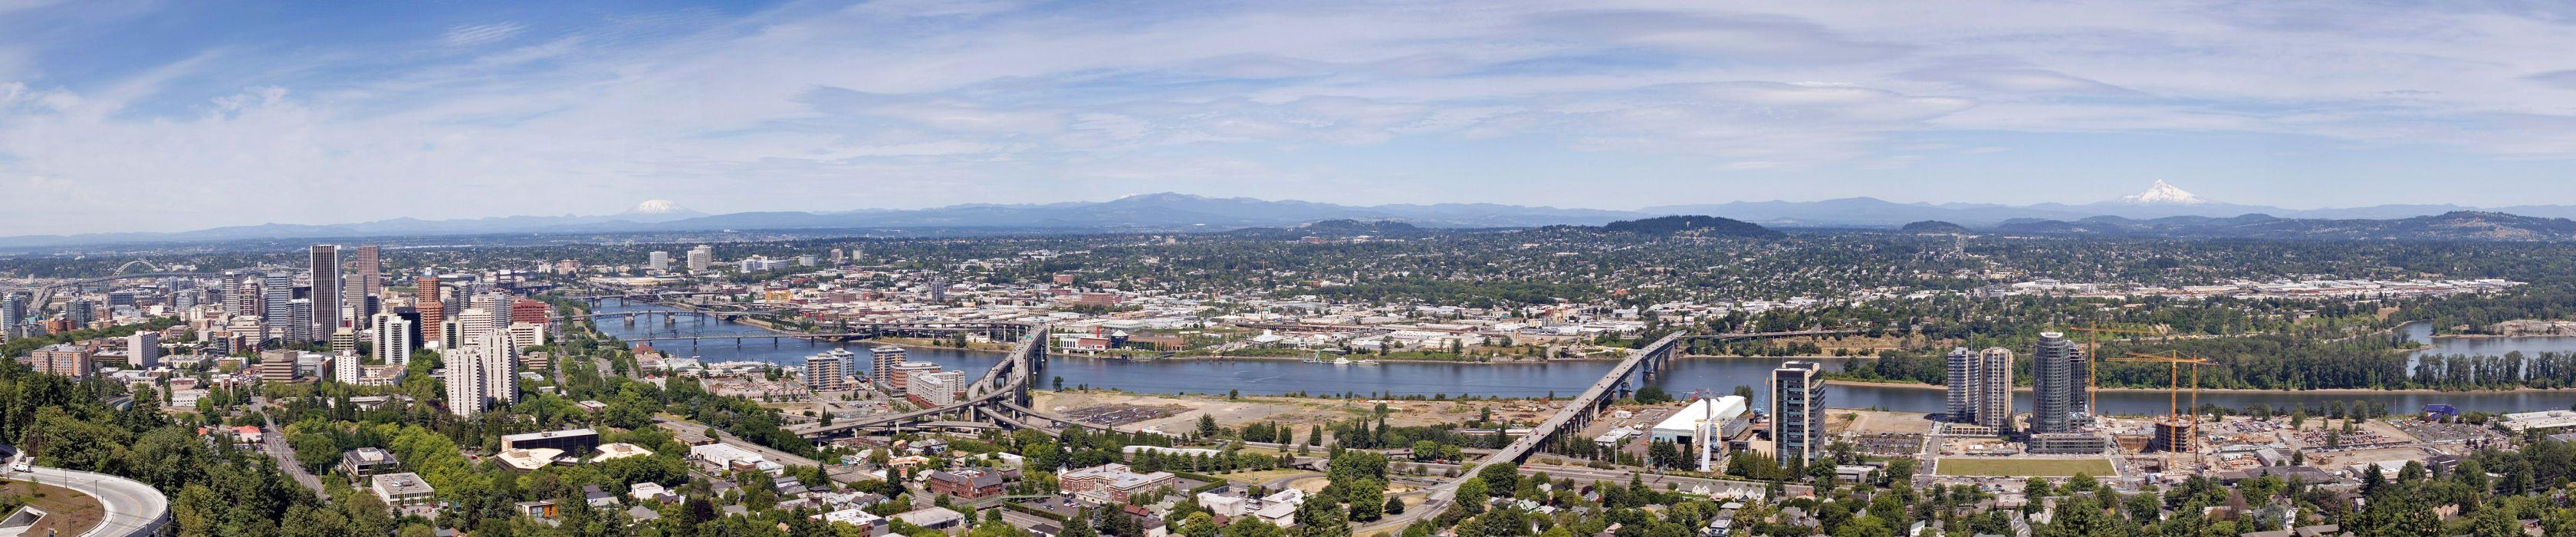 Portland Oregon wallpaper